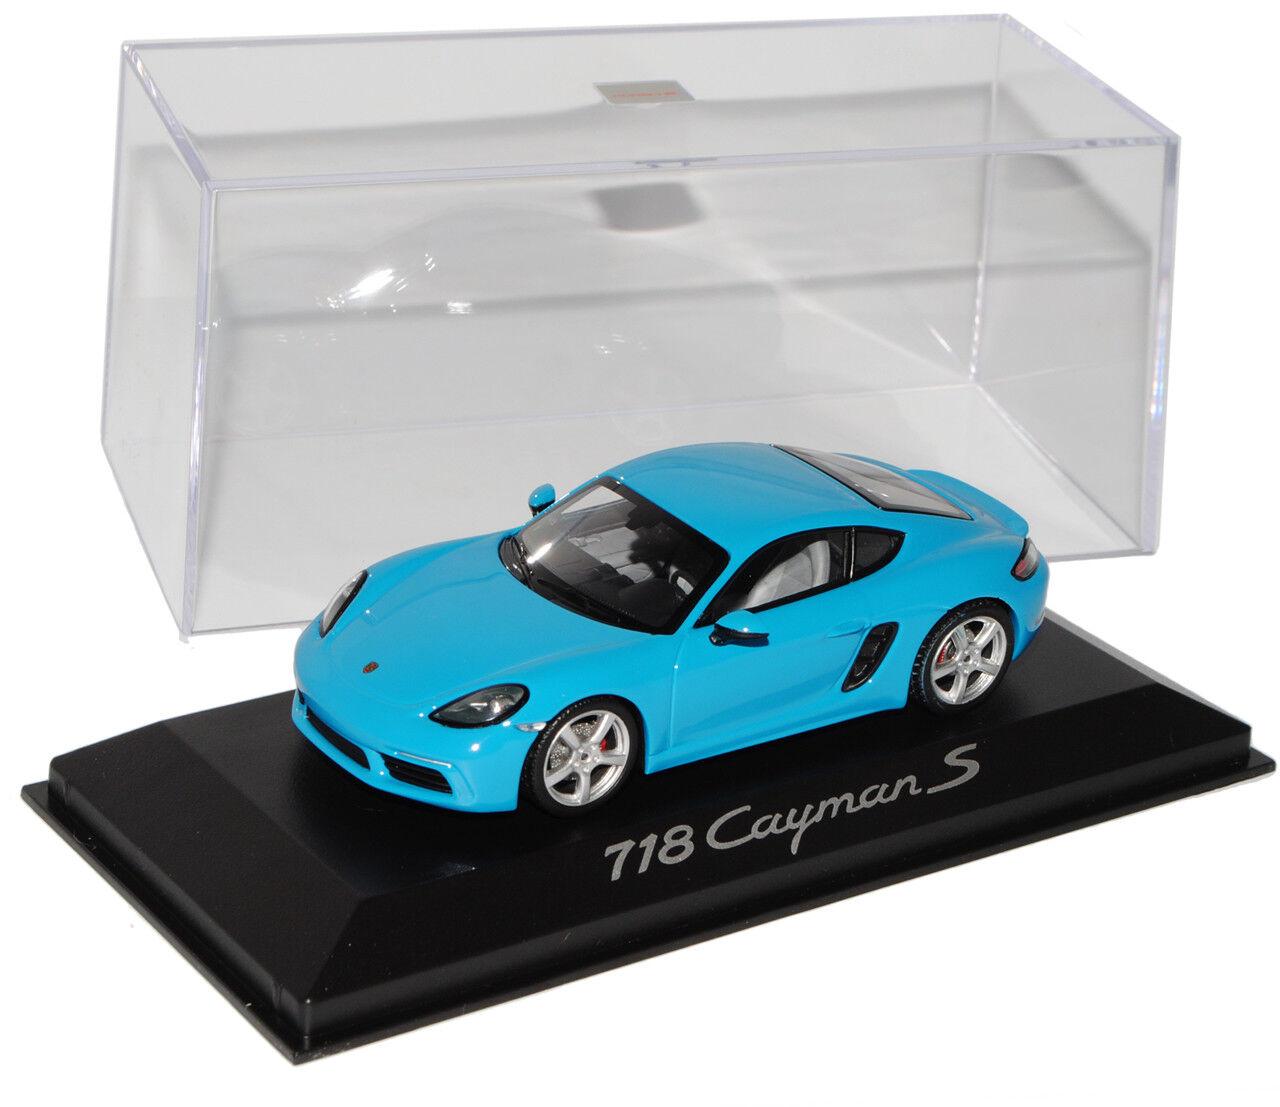 Porsche 718 Cayman Türkis Blau Blau Blau Coupe Ab 2016 1 43 Minichamps Modell Auto mit o..  | Verschiedene Arten und Stile  619807